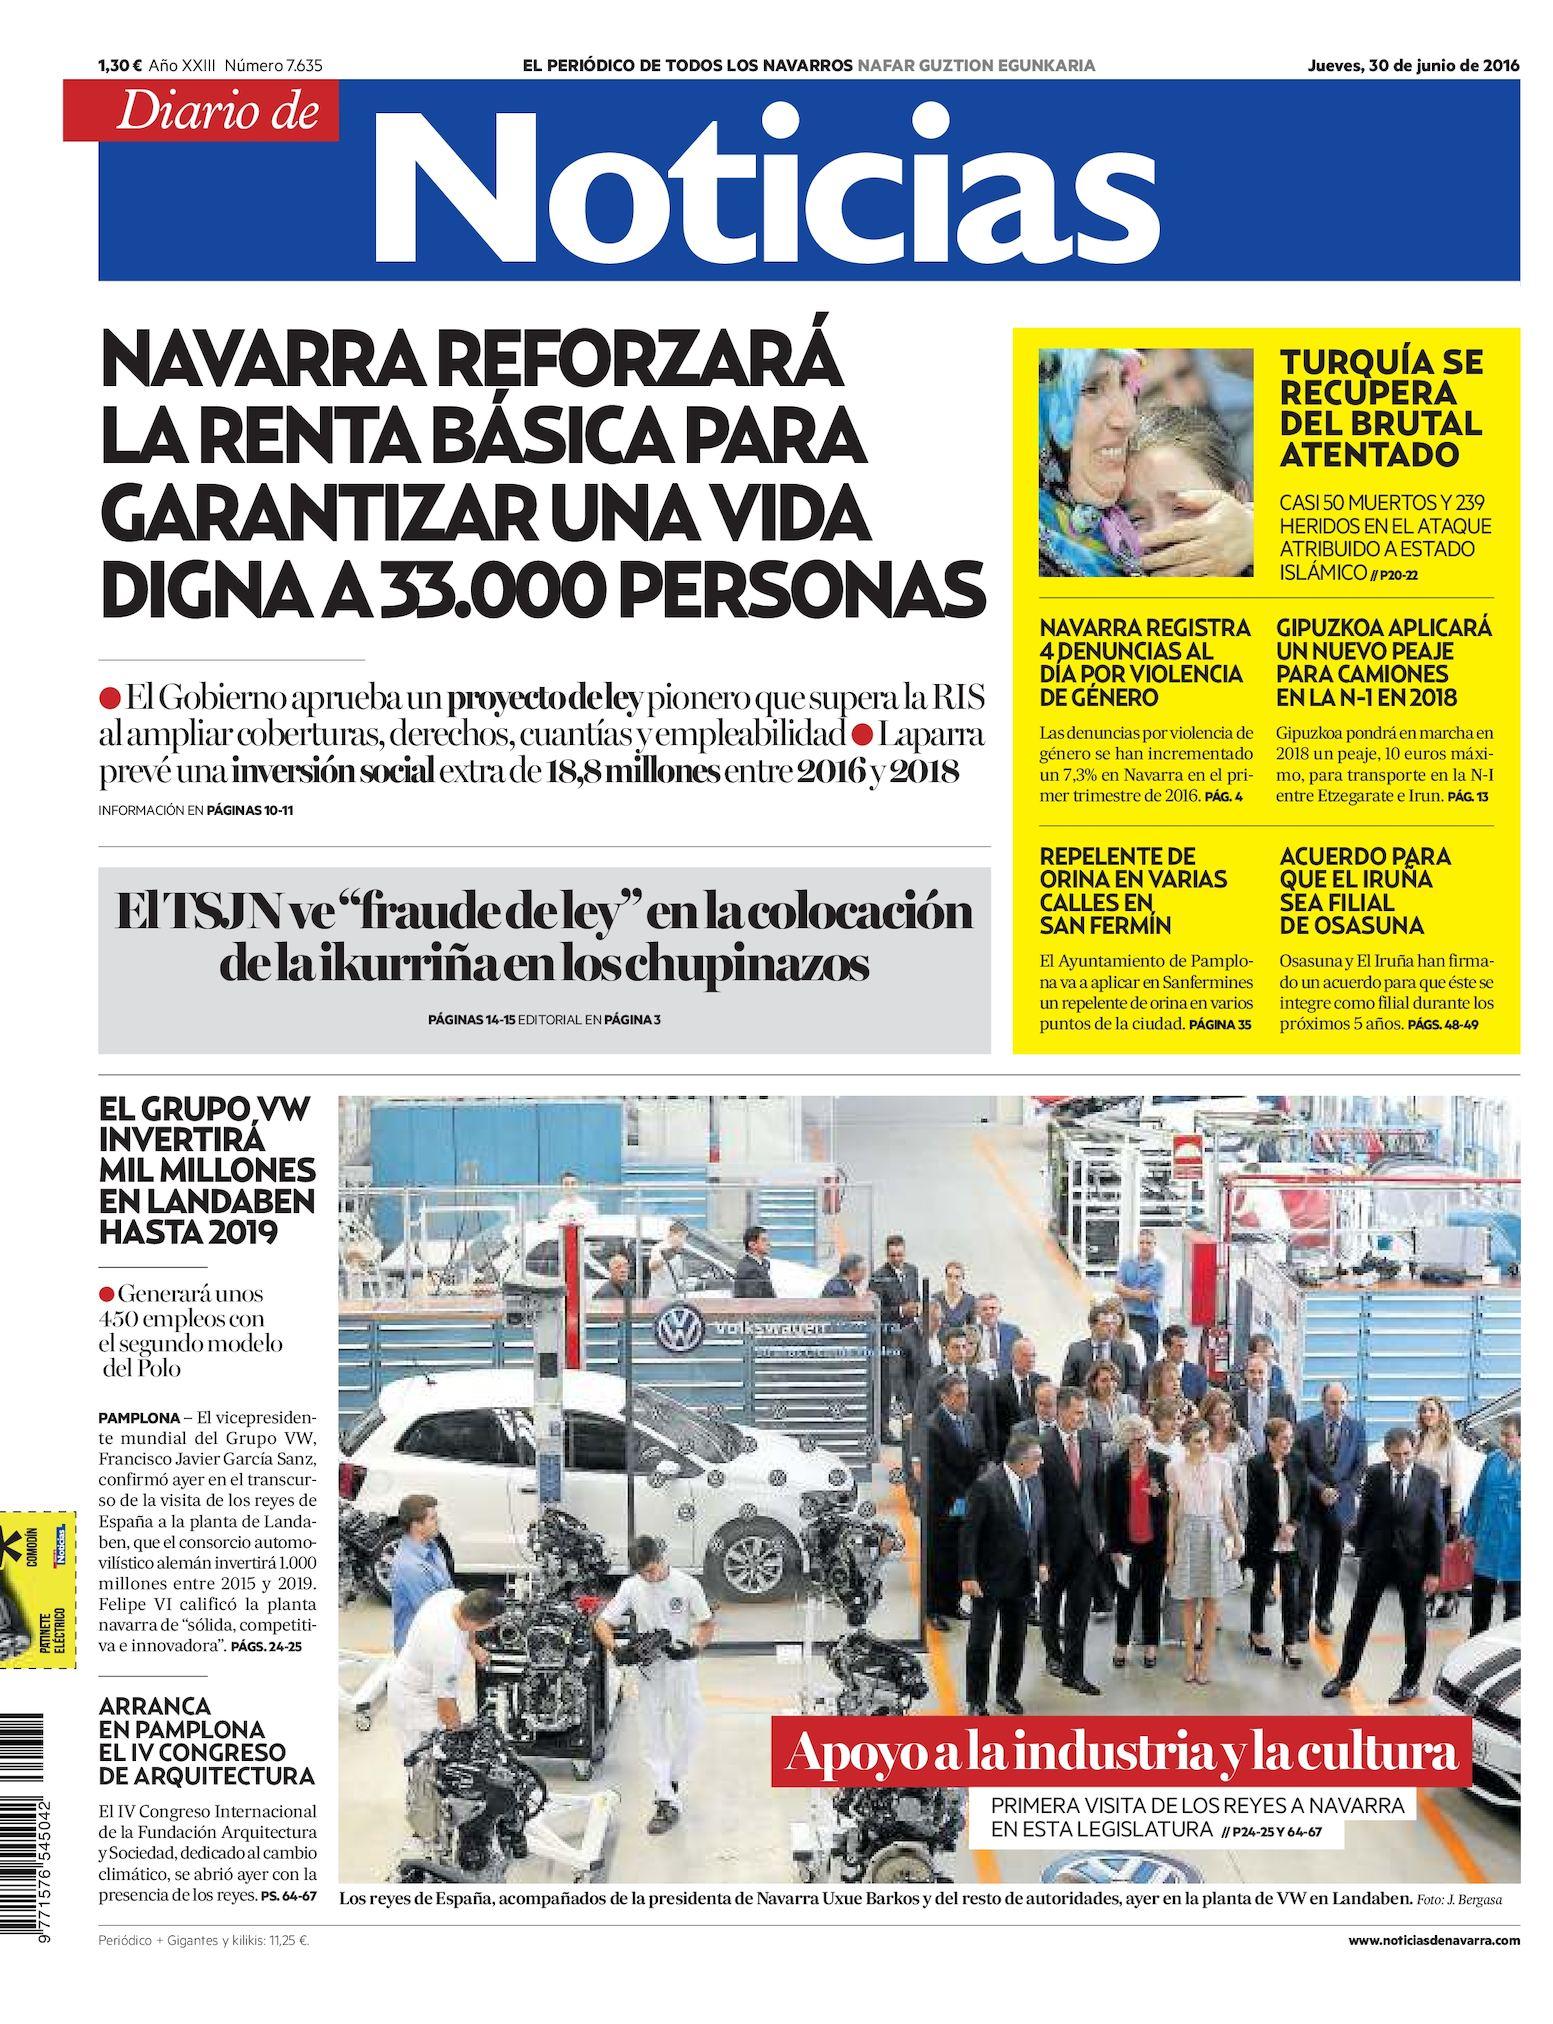 Calaméo - Diario de Noticias 20160630